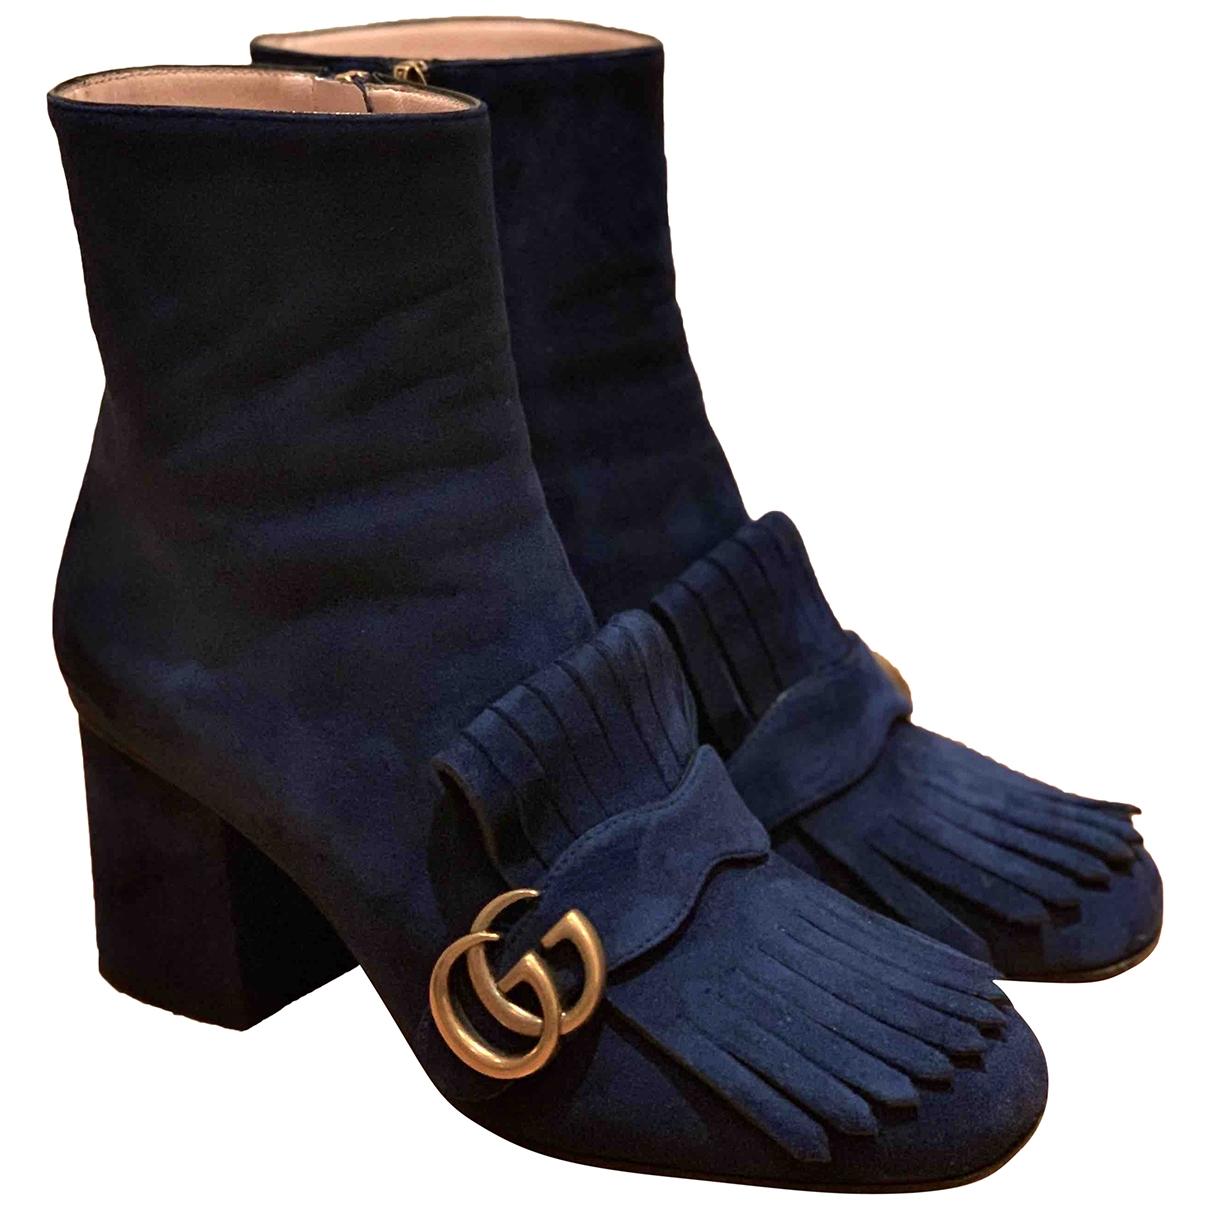 Gucci - Boots Marmont pour femme en suede - marine